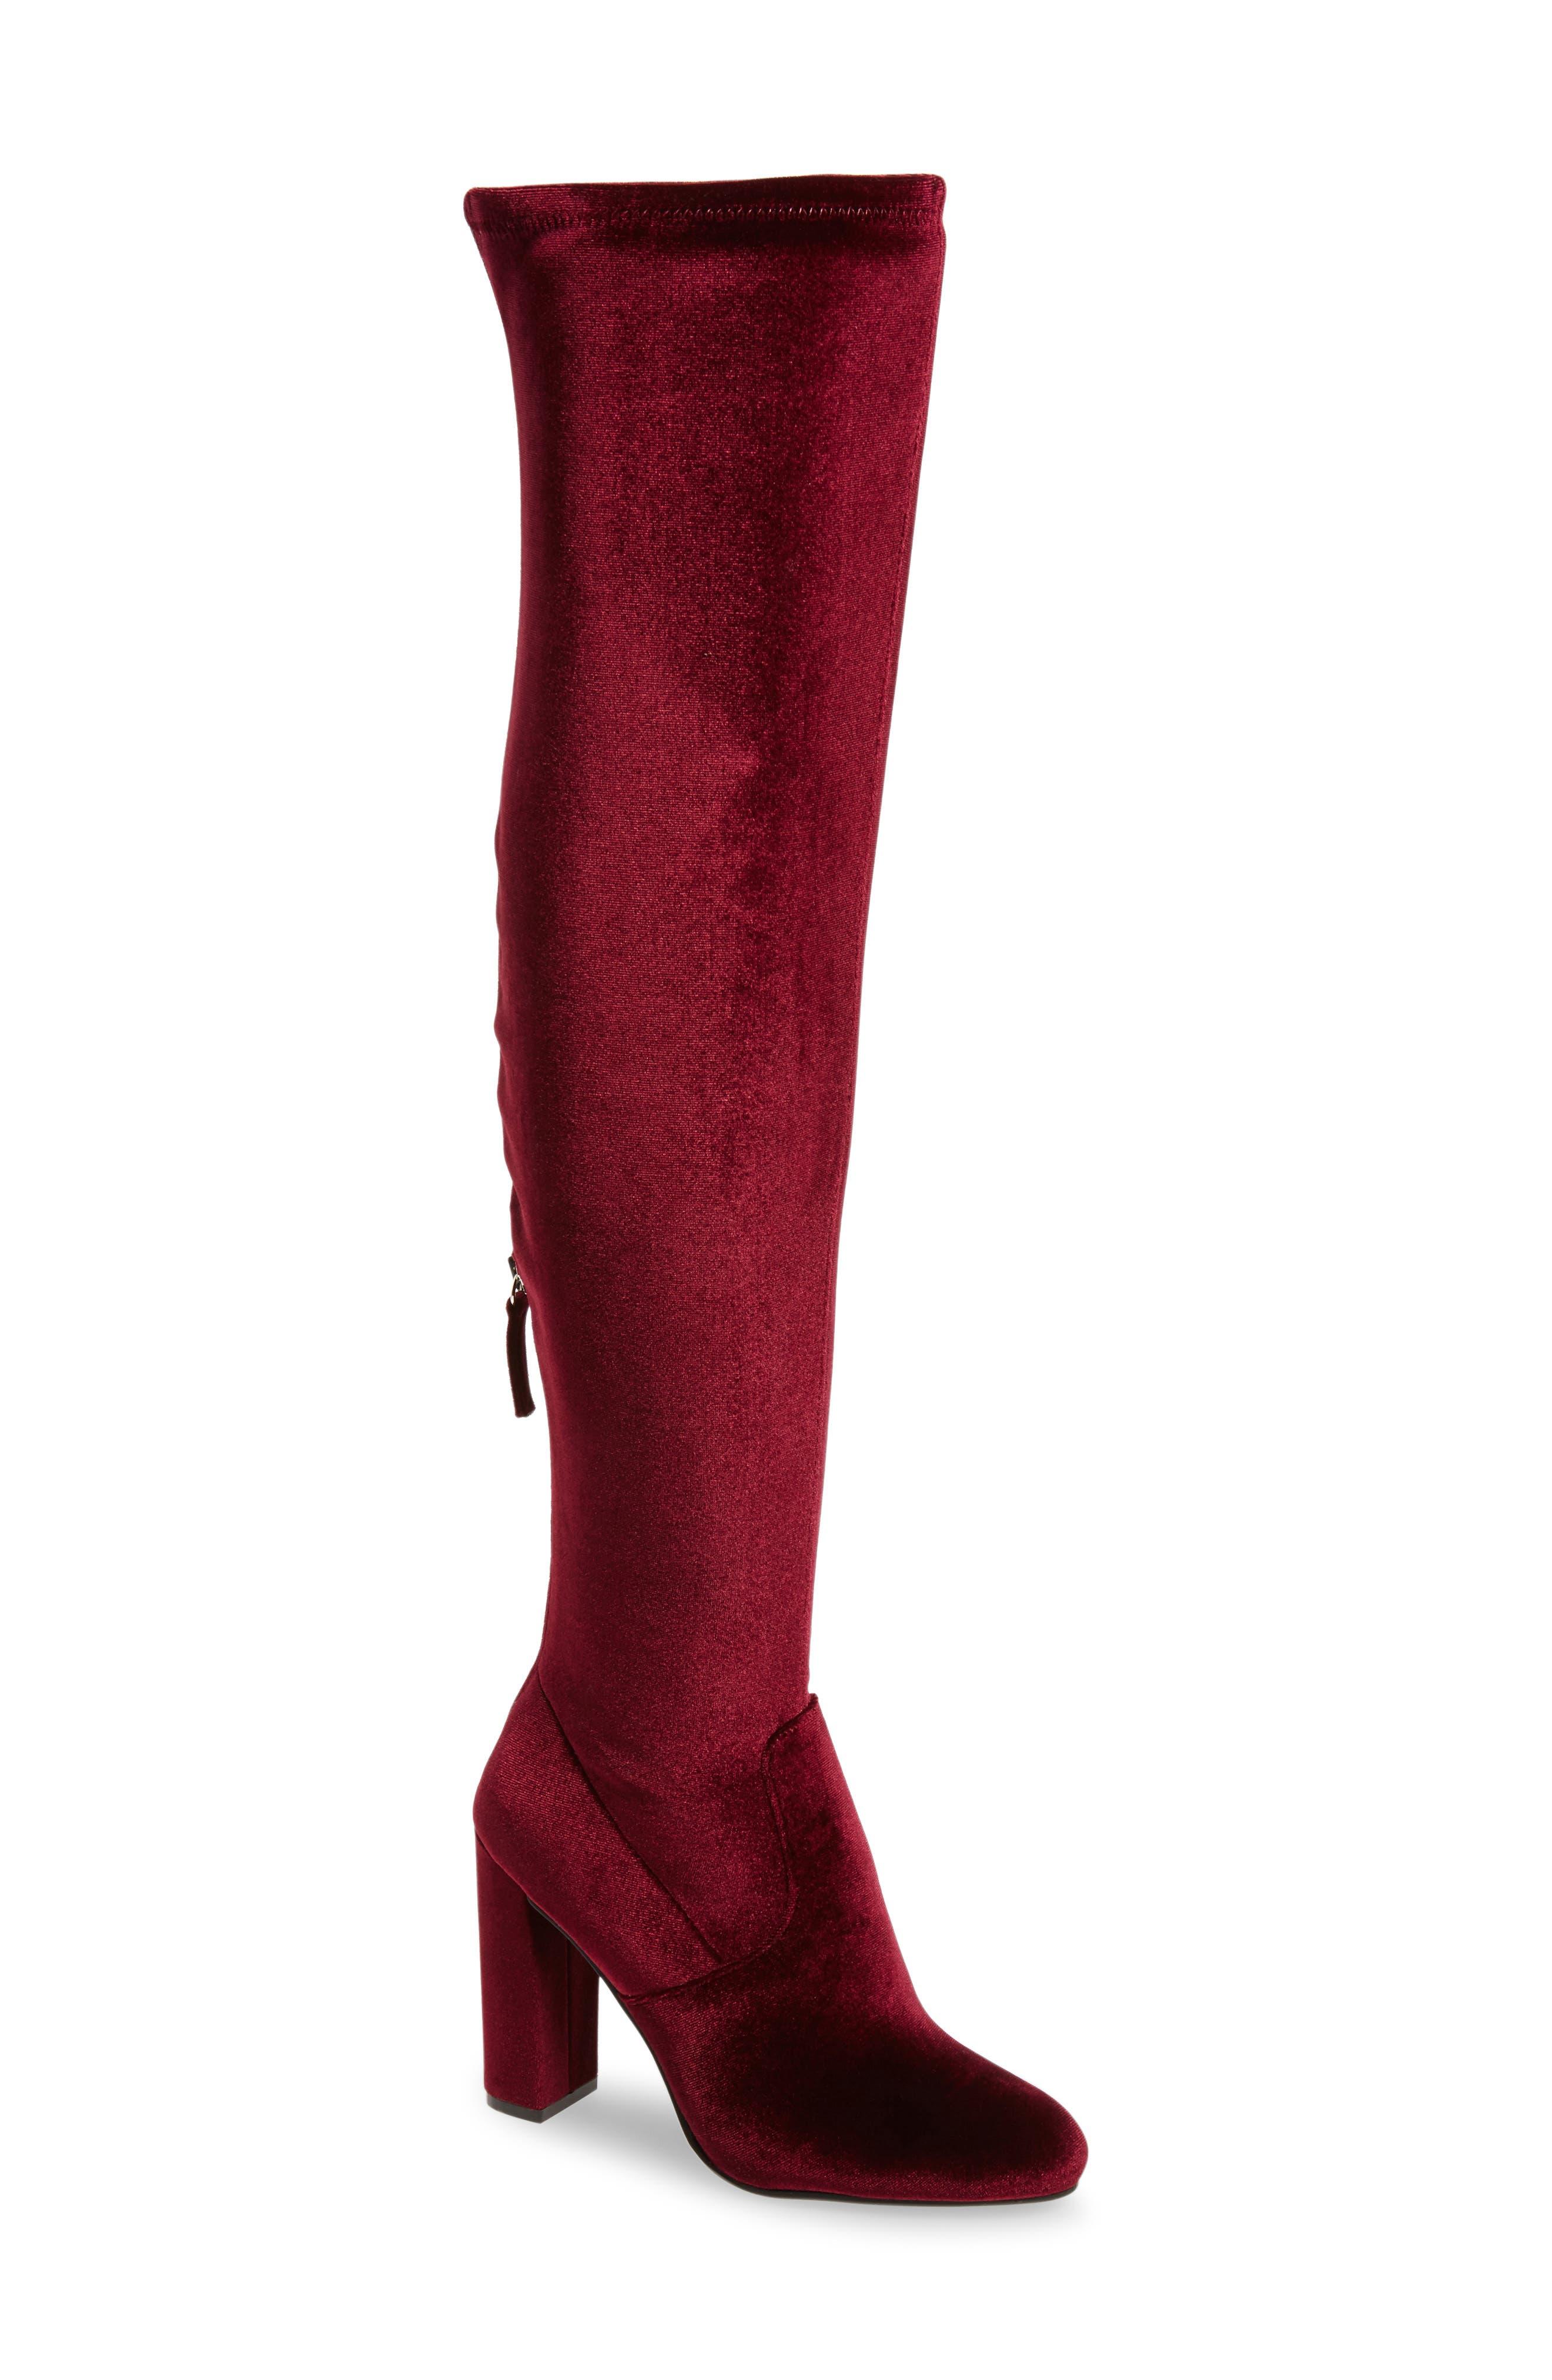 Emotionv Over the Knee Boot,                         Main,                         color, Burgundy Velvet